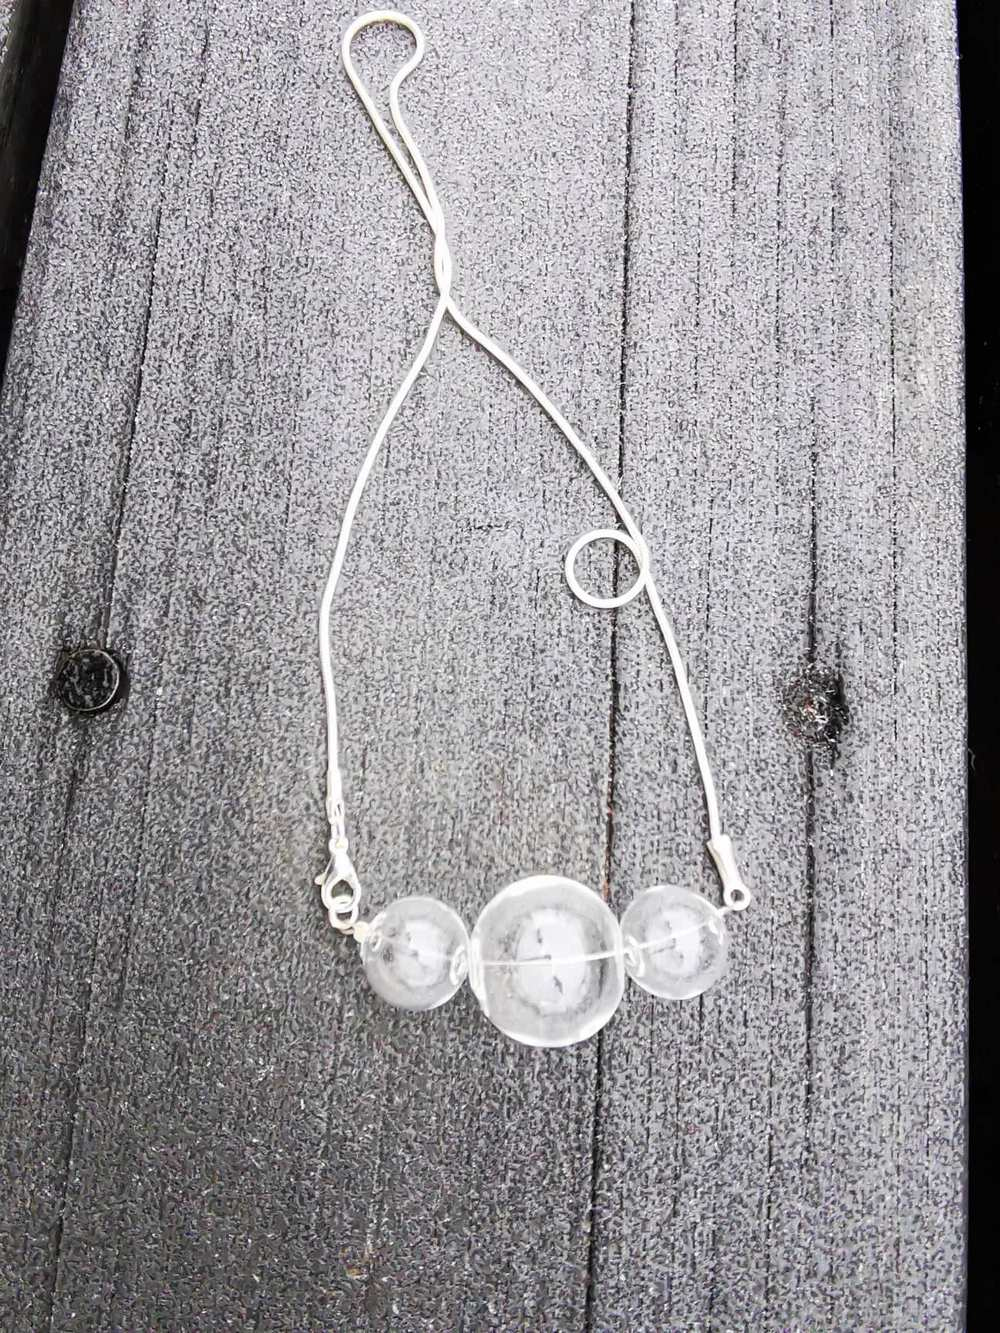 laura daili jewelry (8)